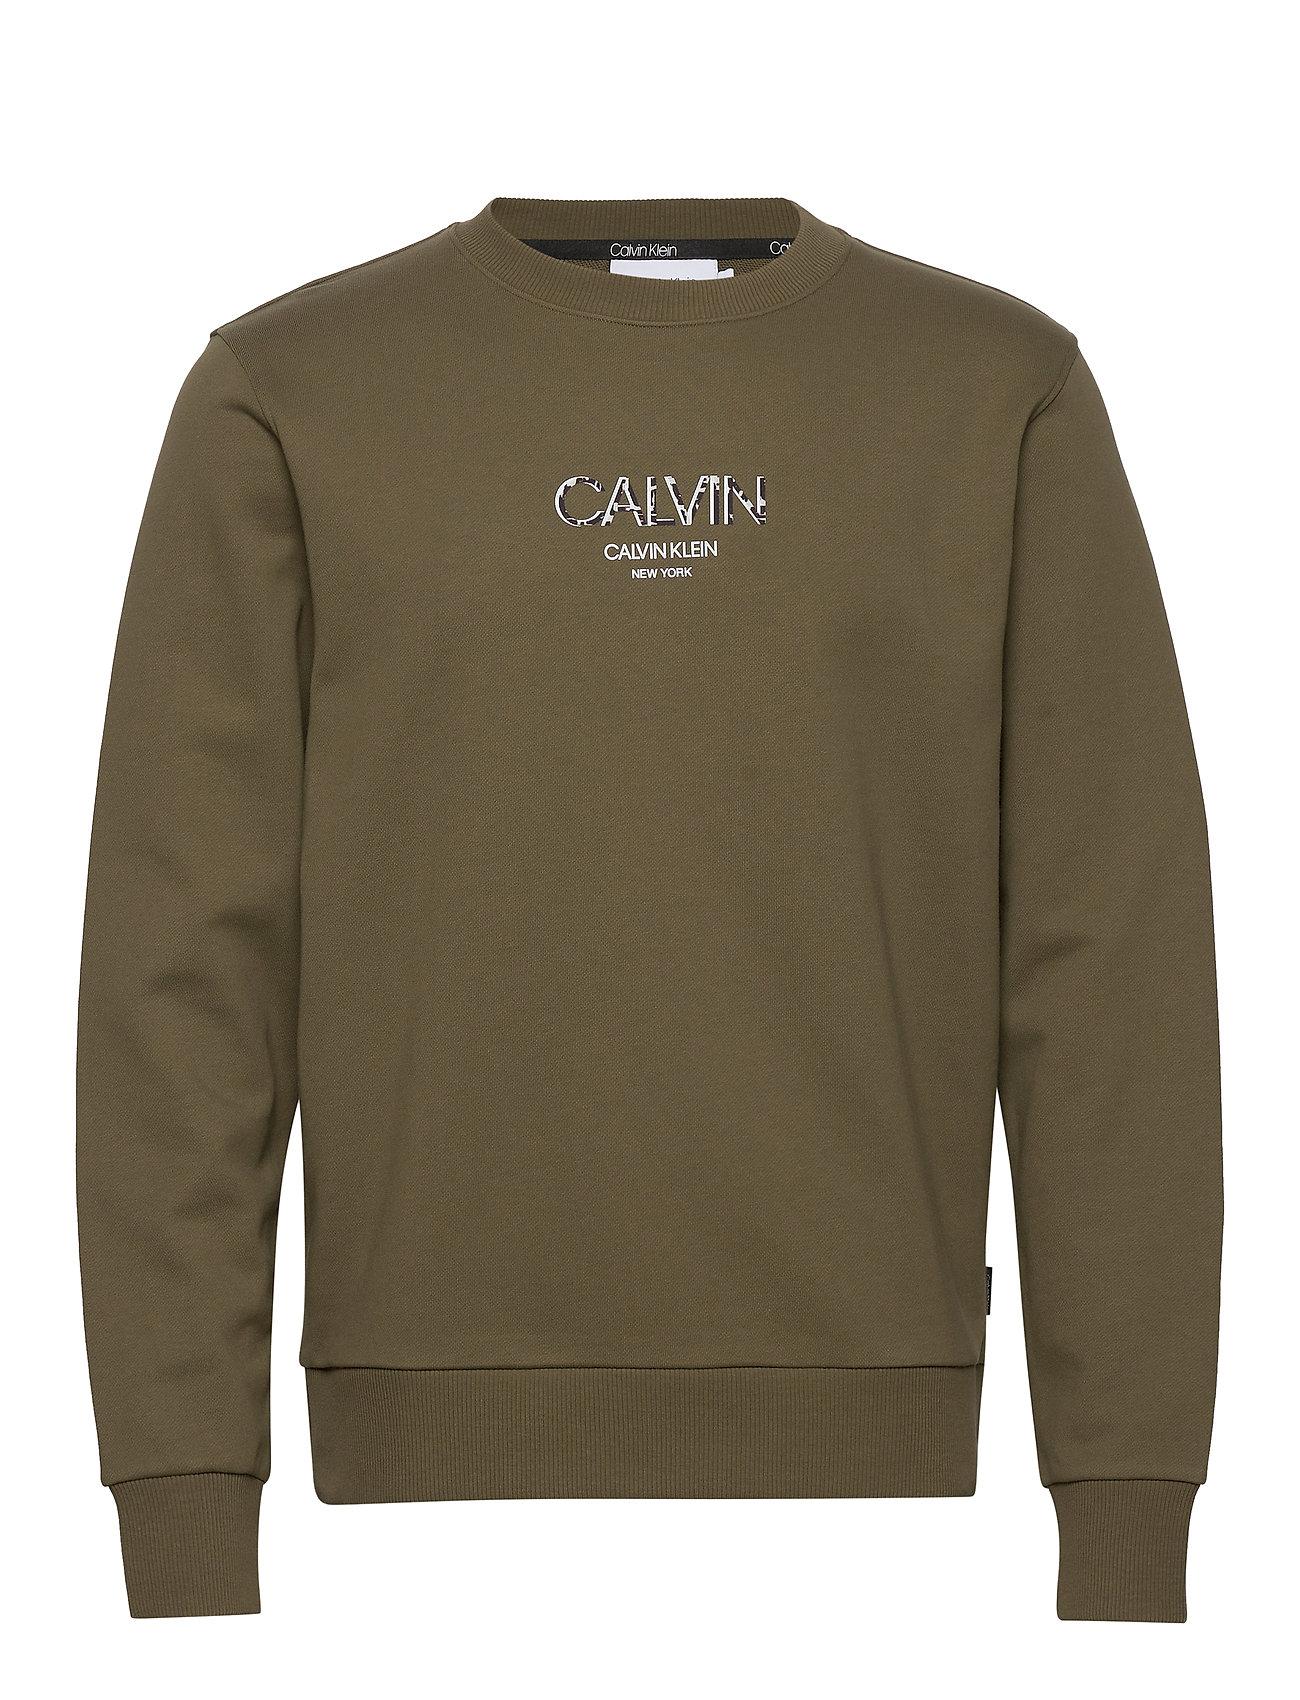 Image of Calvin Small Logo Sweatshirt Sweatshirt Trøje Grøn Calvin Klein (3488997565)